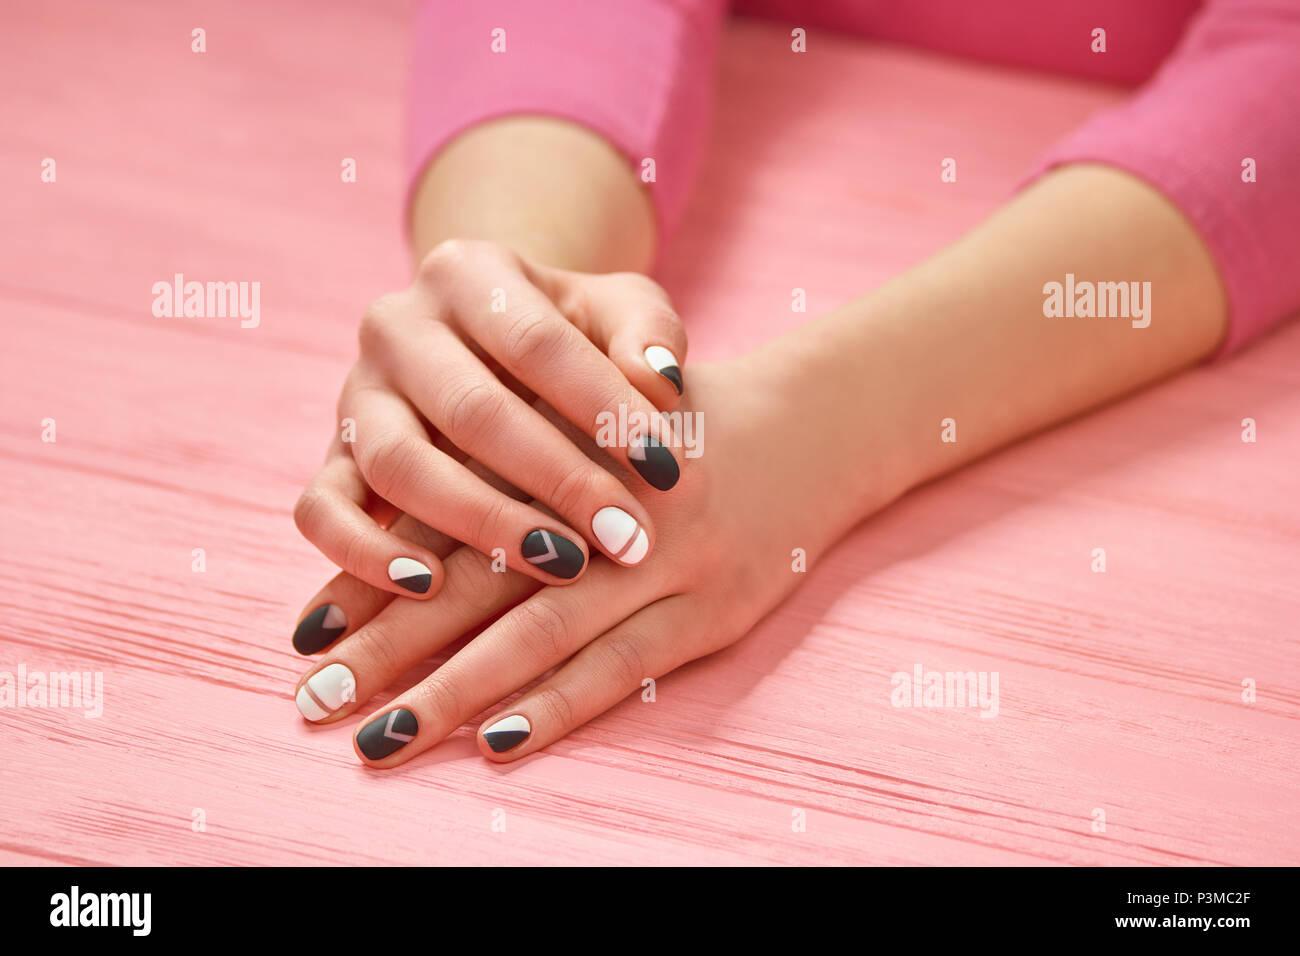 Classic Manicure Imágenes De Stock & Classic Manicure Fotos De Stock ...